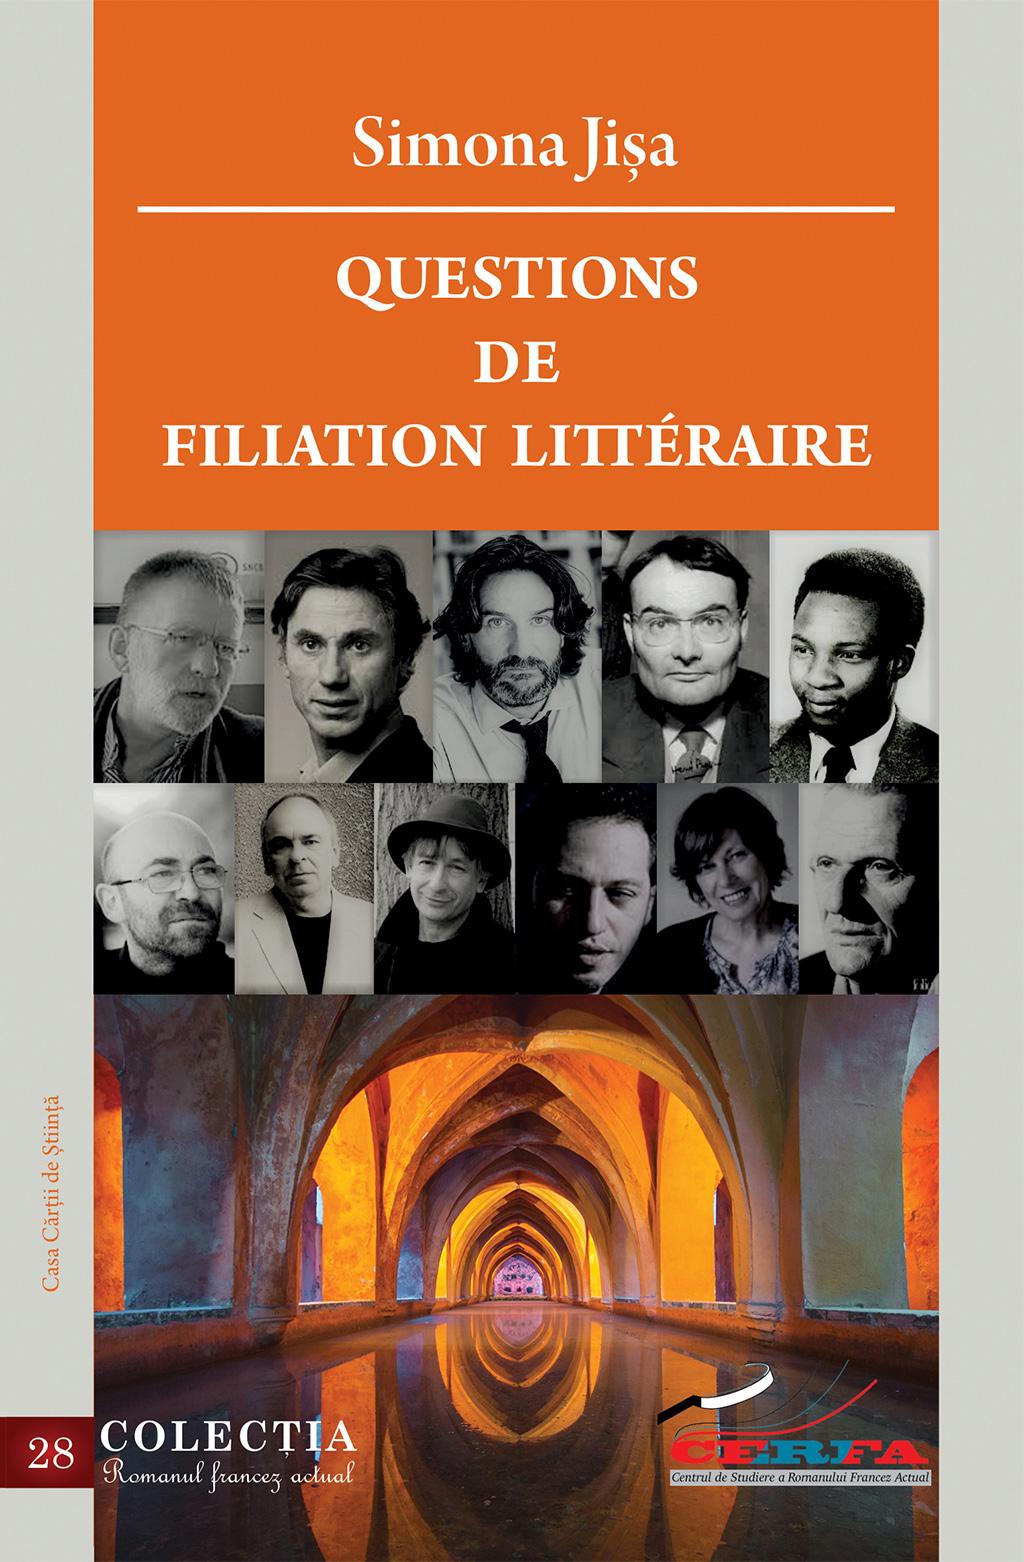 S. Jișa, Questions de filiation littéraire